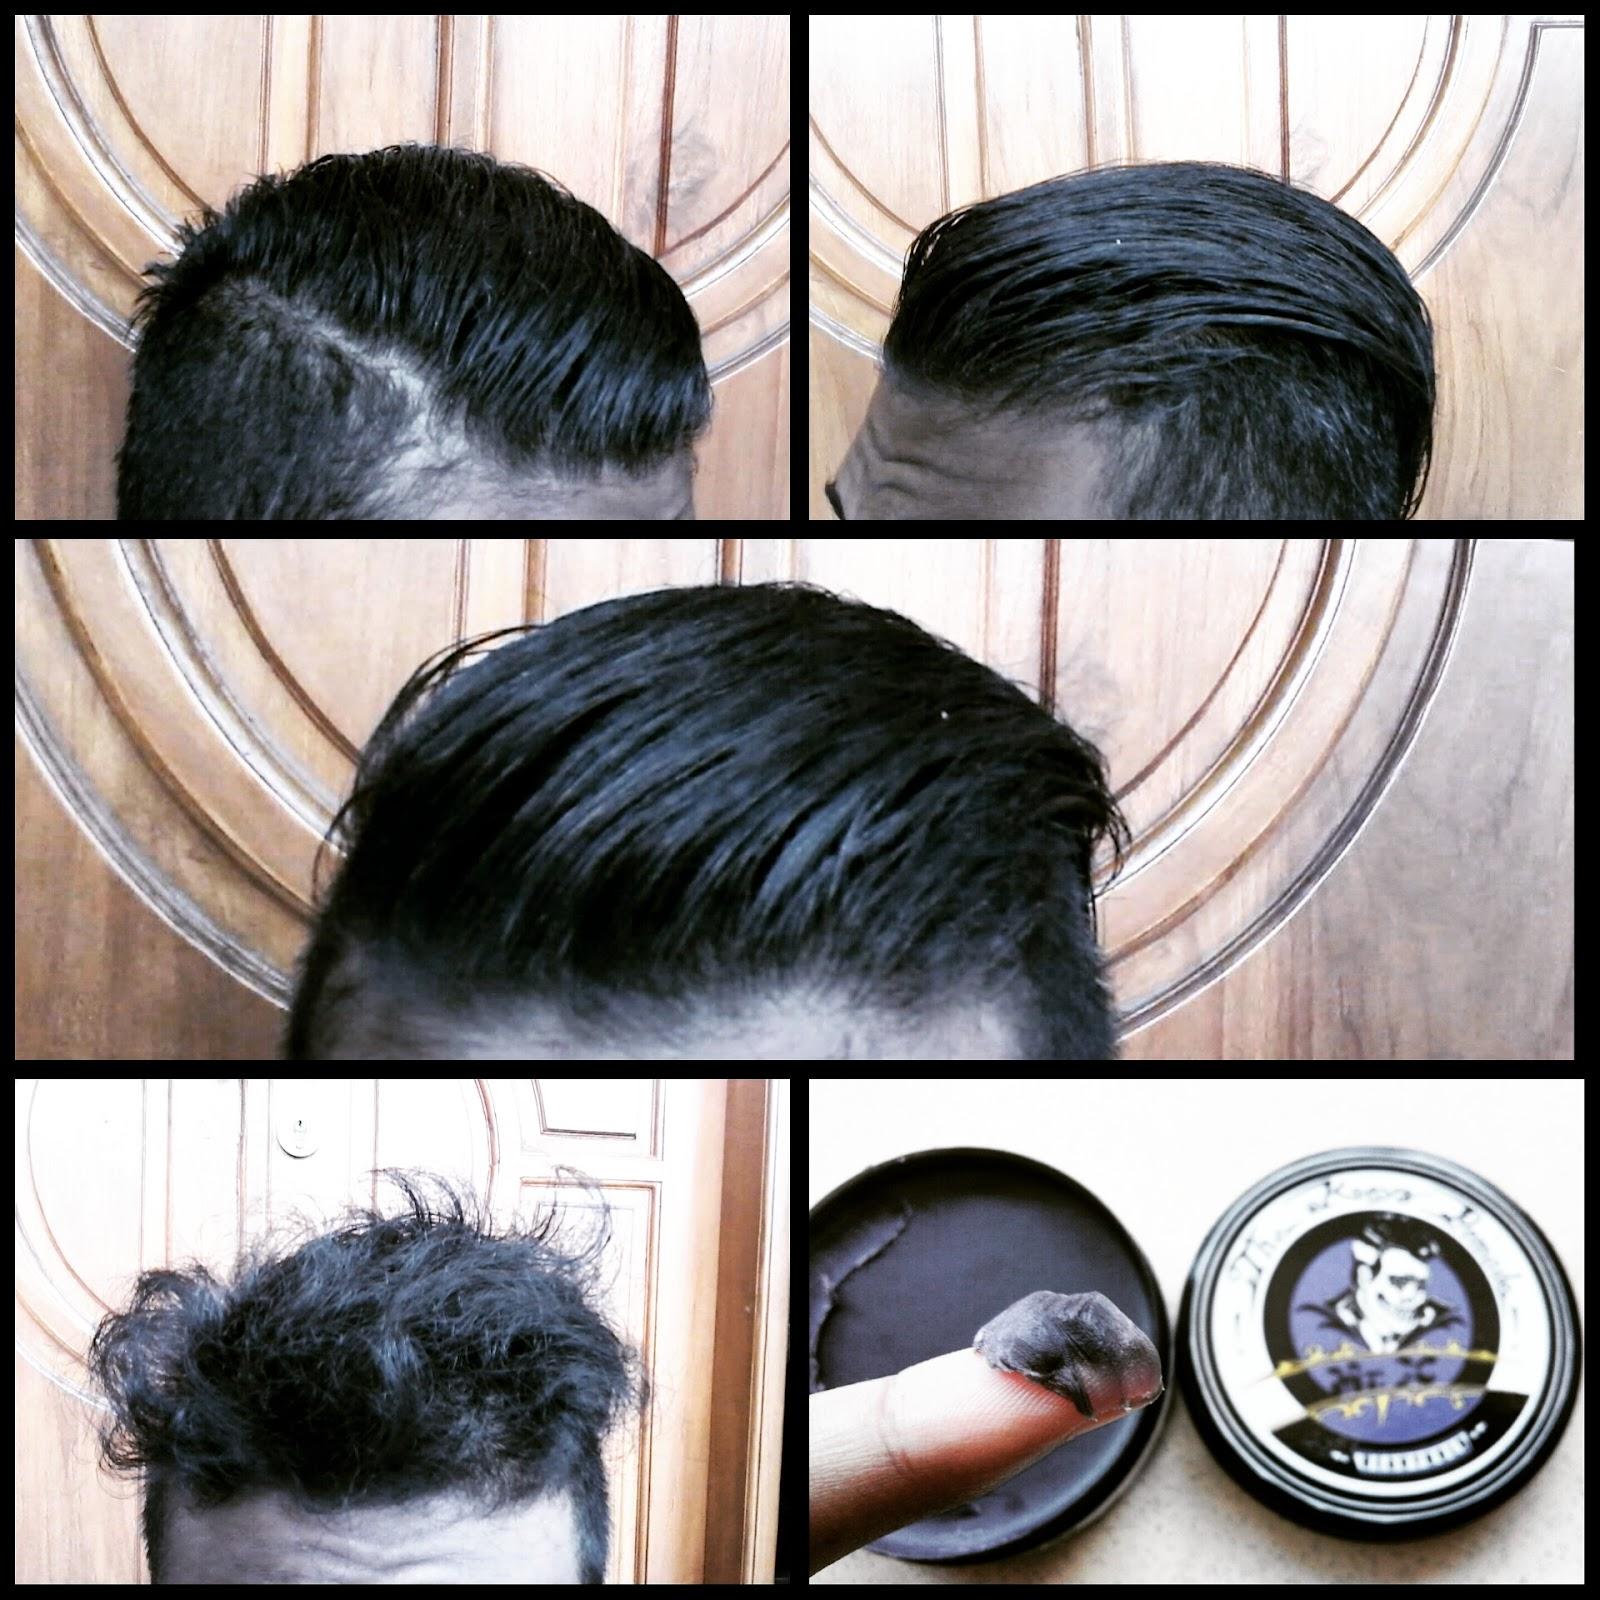 sekali shampo hanya bisa hilang saja pomade ini dari rambut saya Mohon maaf bila ada salah kata sekian review dari saya HOLD 4 7 5 SHINE 1 2 5